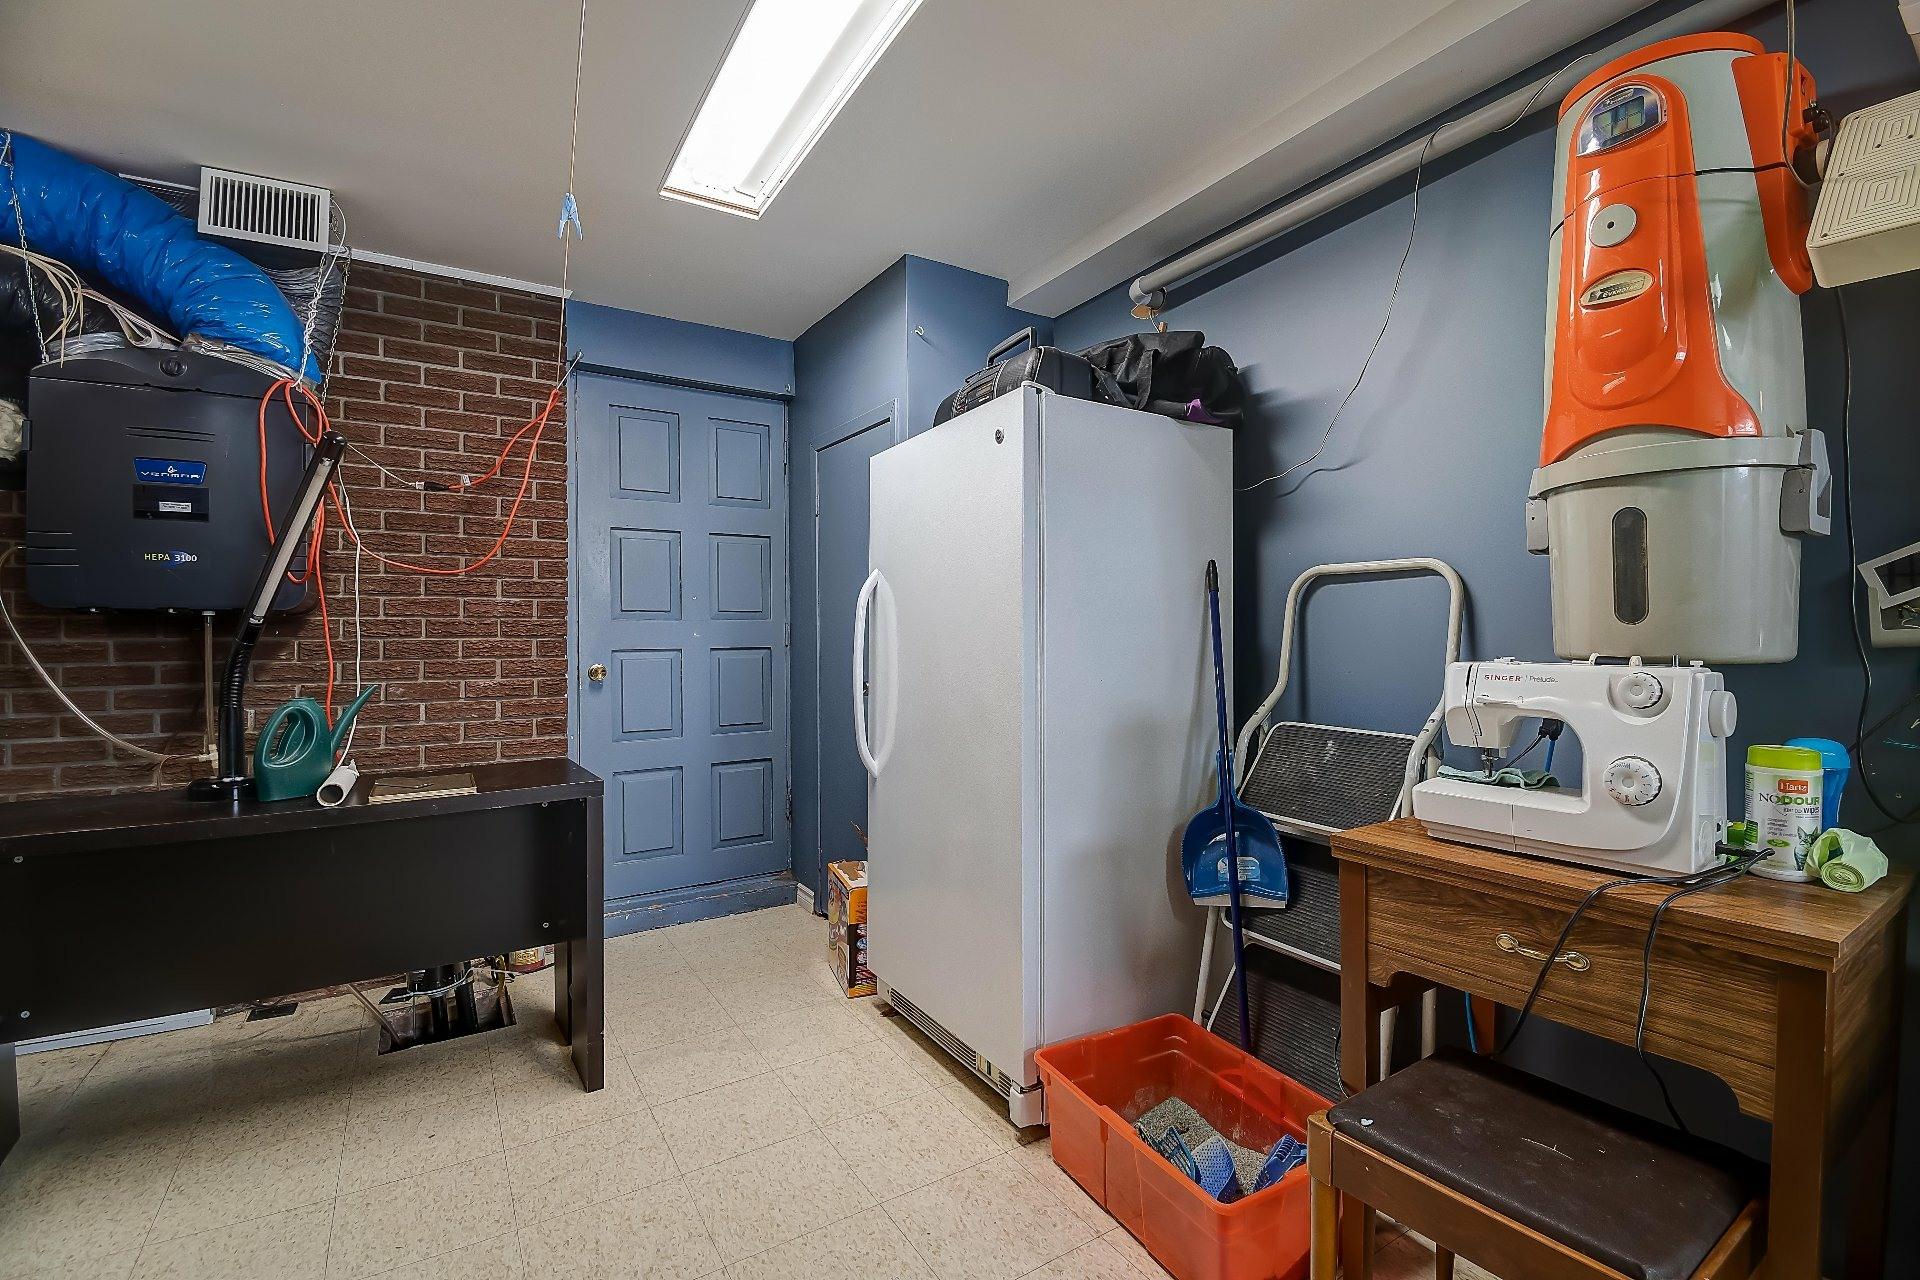 image 22 - Maison À vendre Trois-Rivières - 10 pièces